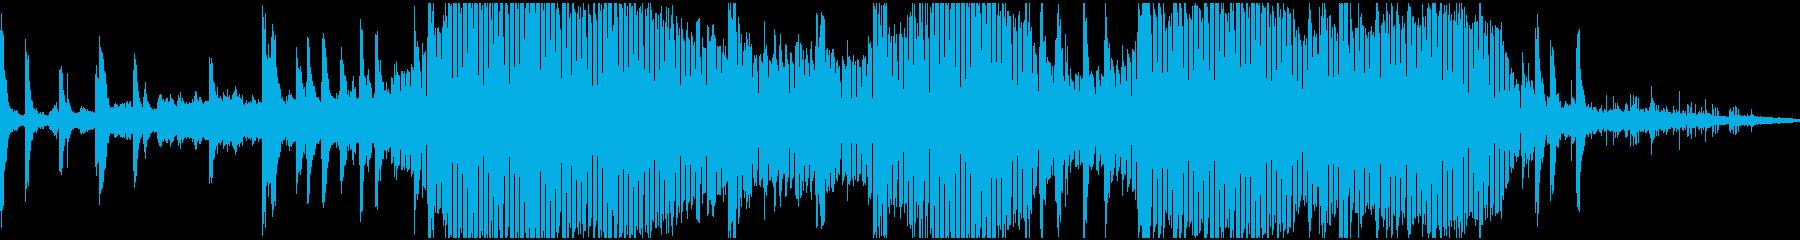 ホラーサウンドスケープ用のリバーブ...の再生済みの波形